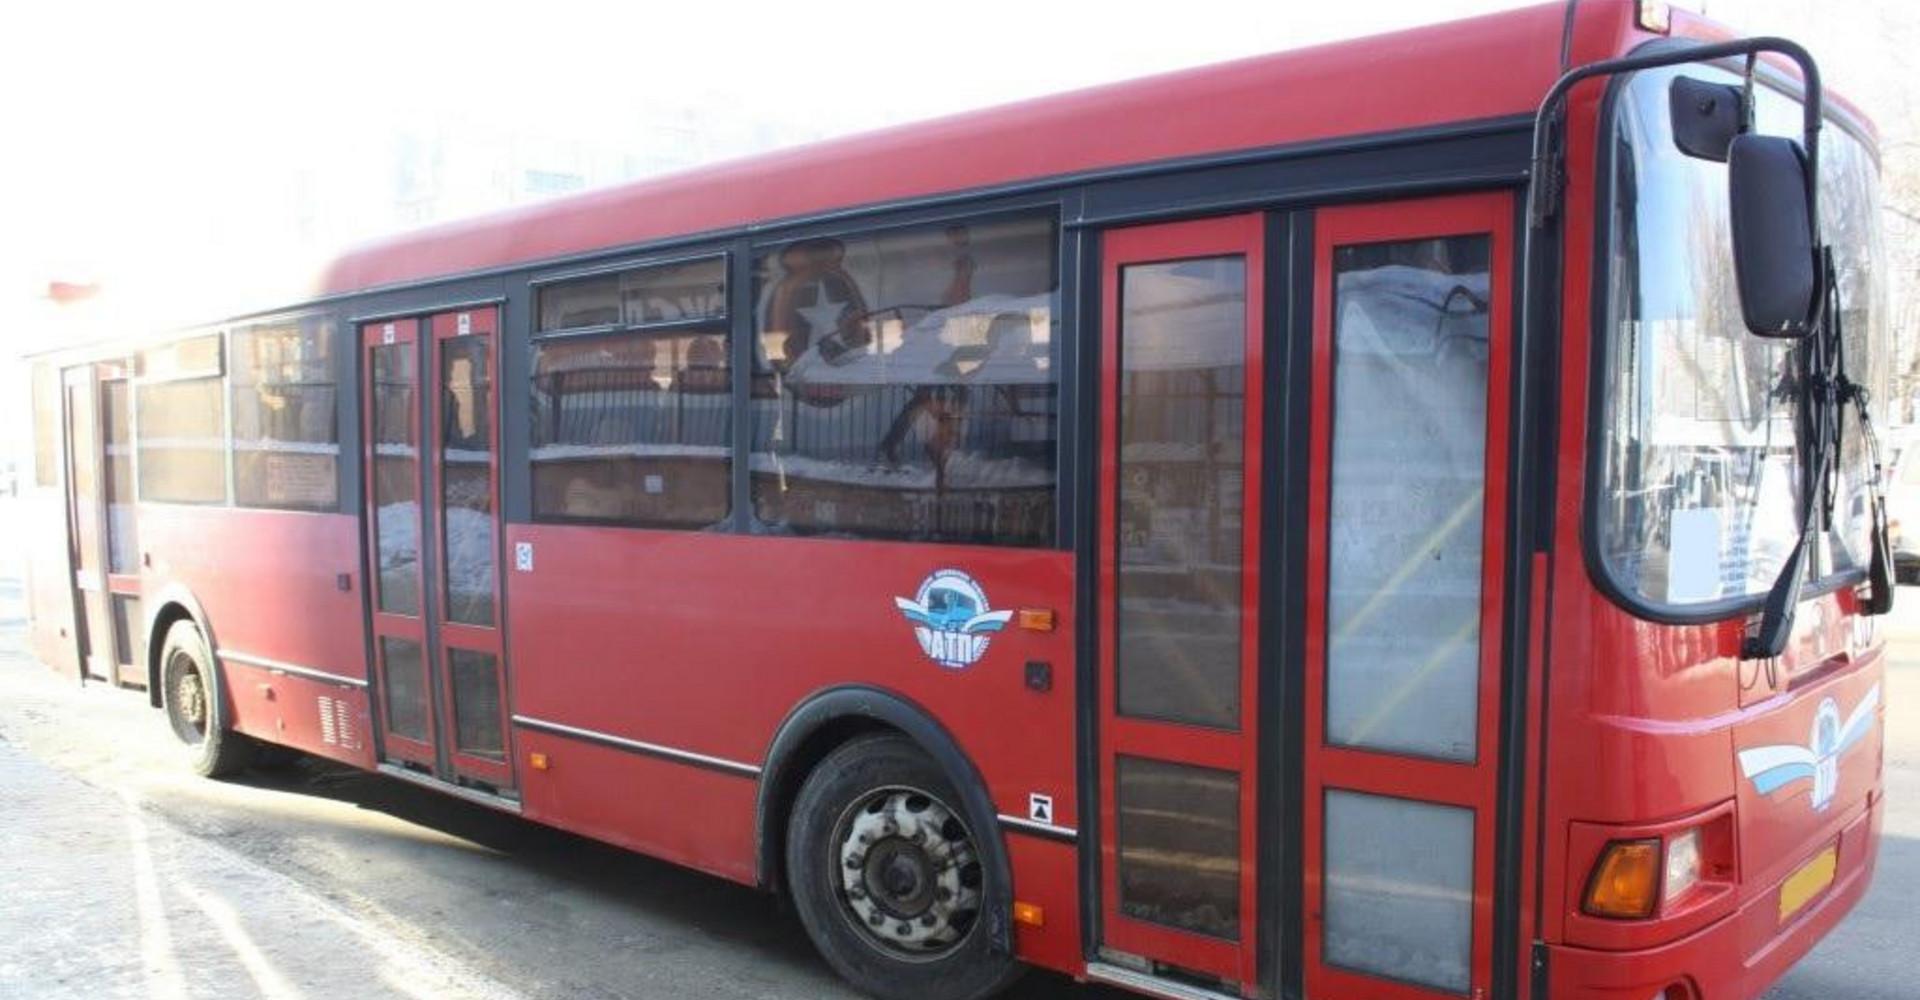 В связи с началом дачного сезона в Кирове, несколько автобусных маршрутов будут продлены